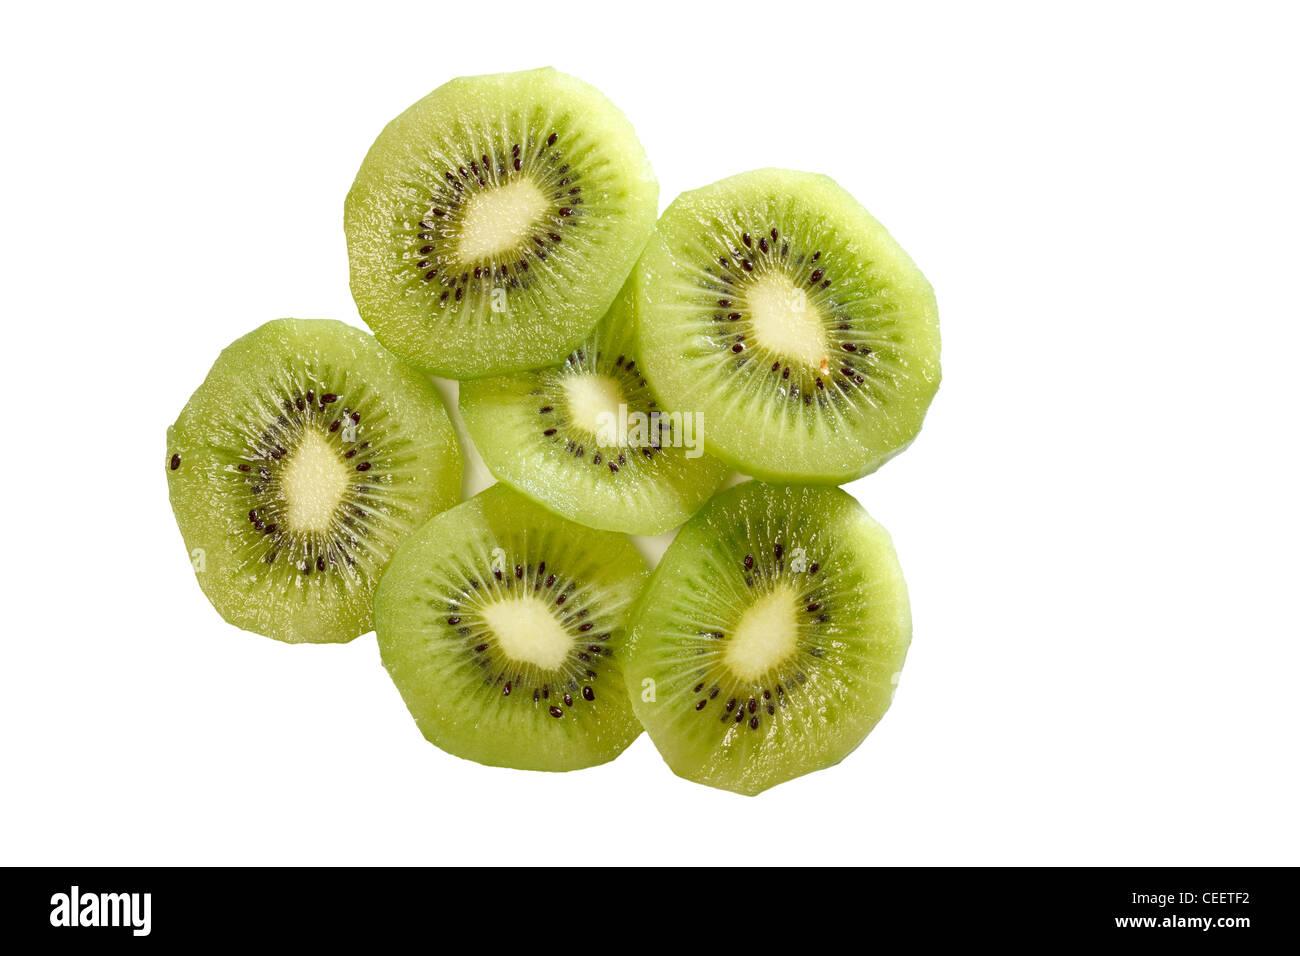 Kiwi Fruit Slices - Stock Image